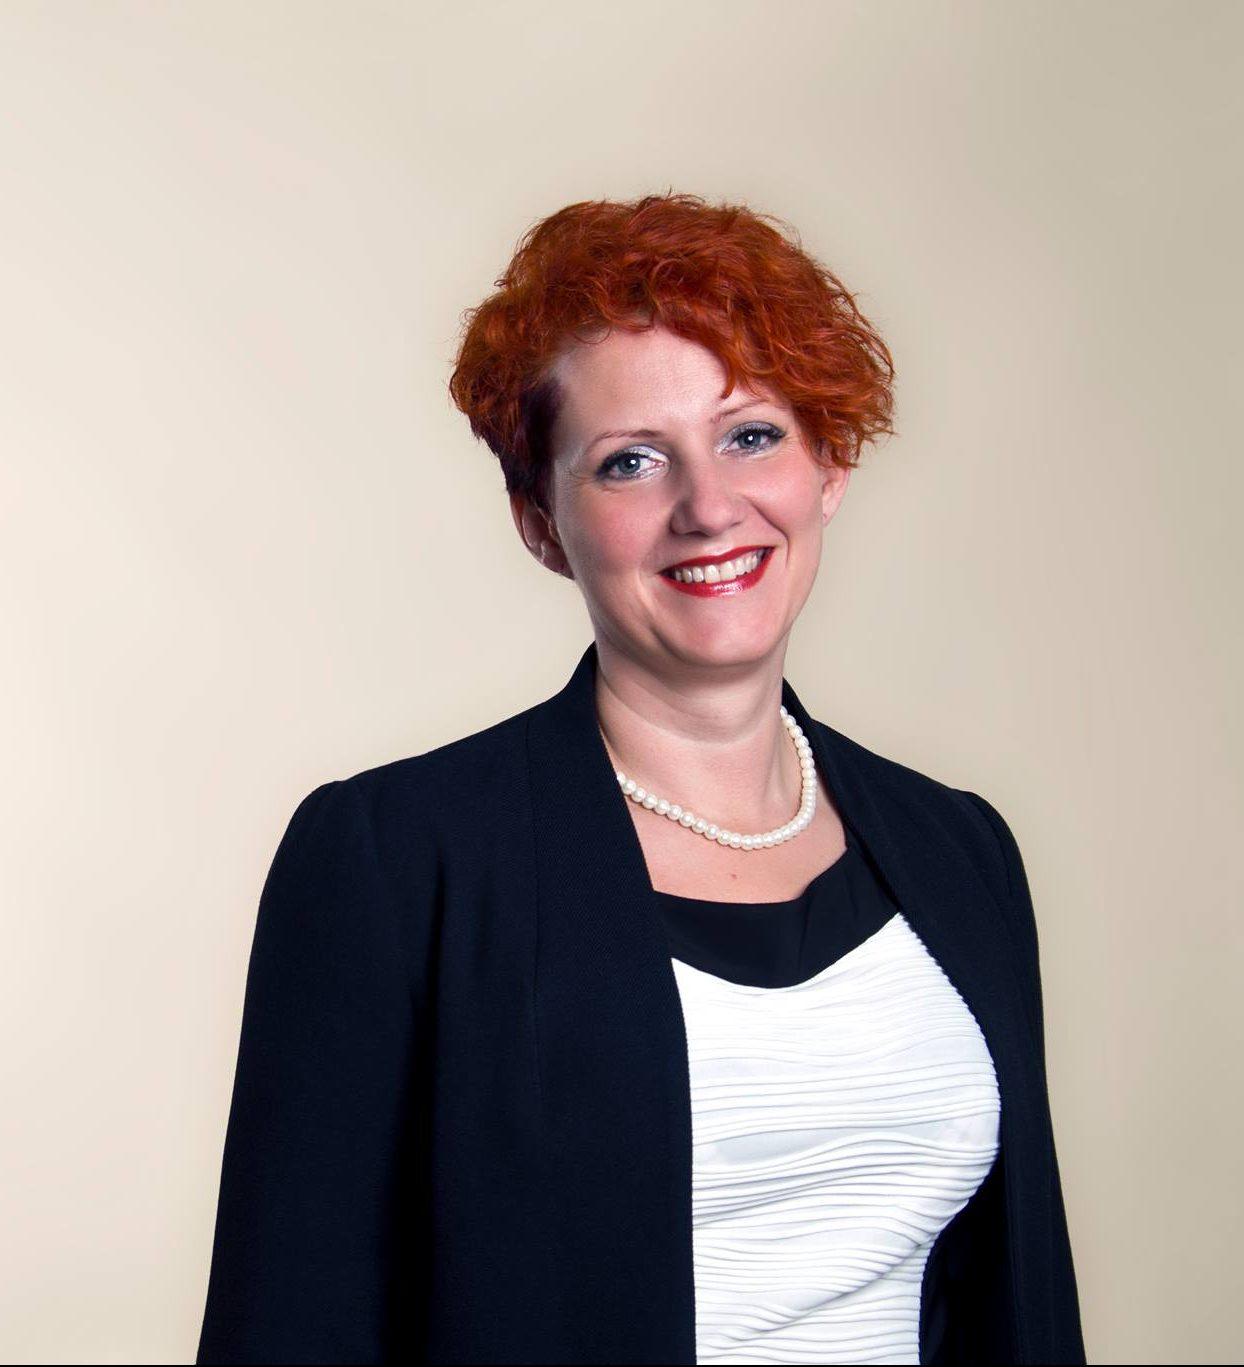 Katarzyna Potoczna